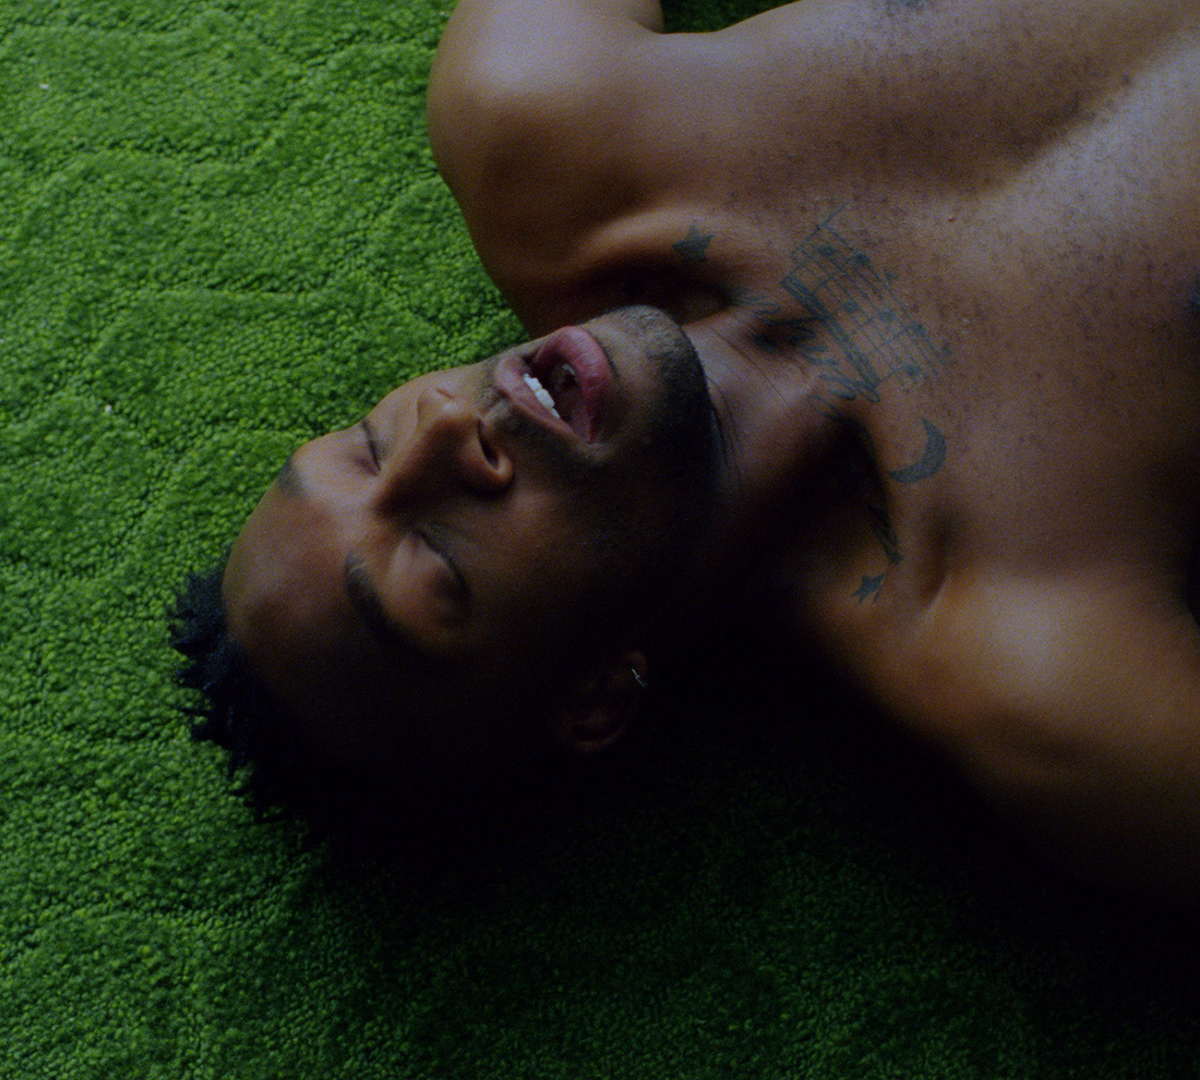 En ung barbröstad man ligger på en grön heltäckningsmatta och njuter med särade läppar.